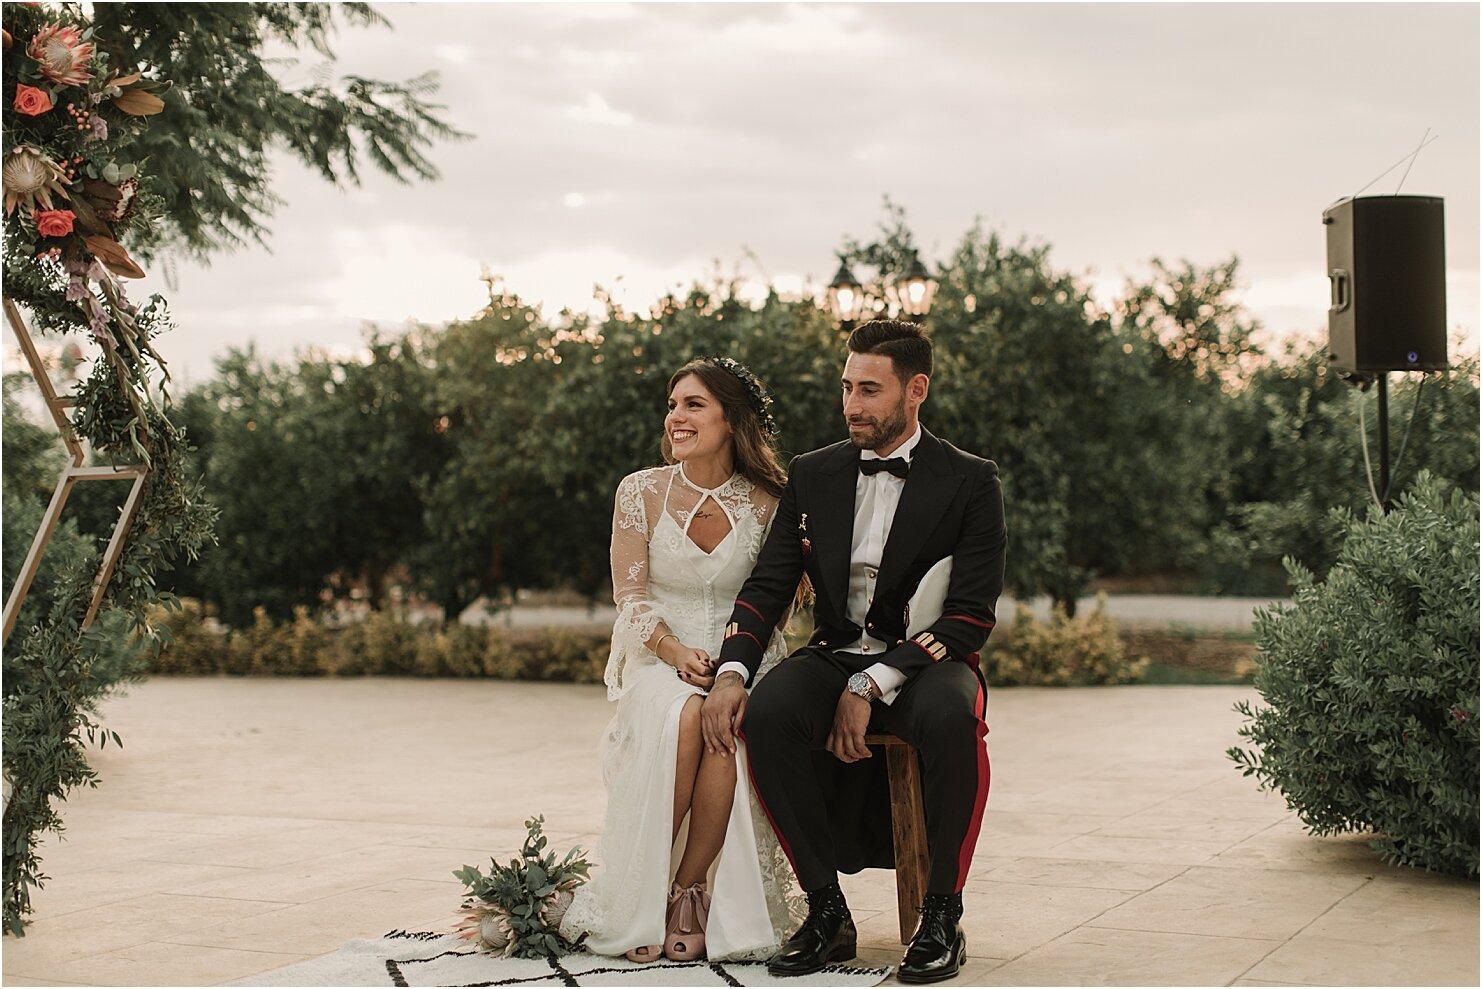 boda-romantica-boda-boho-vestido-de-novia-laura-lomas22.jpg